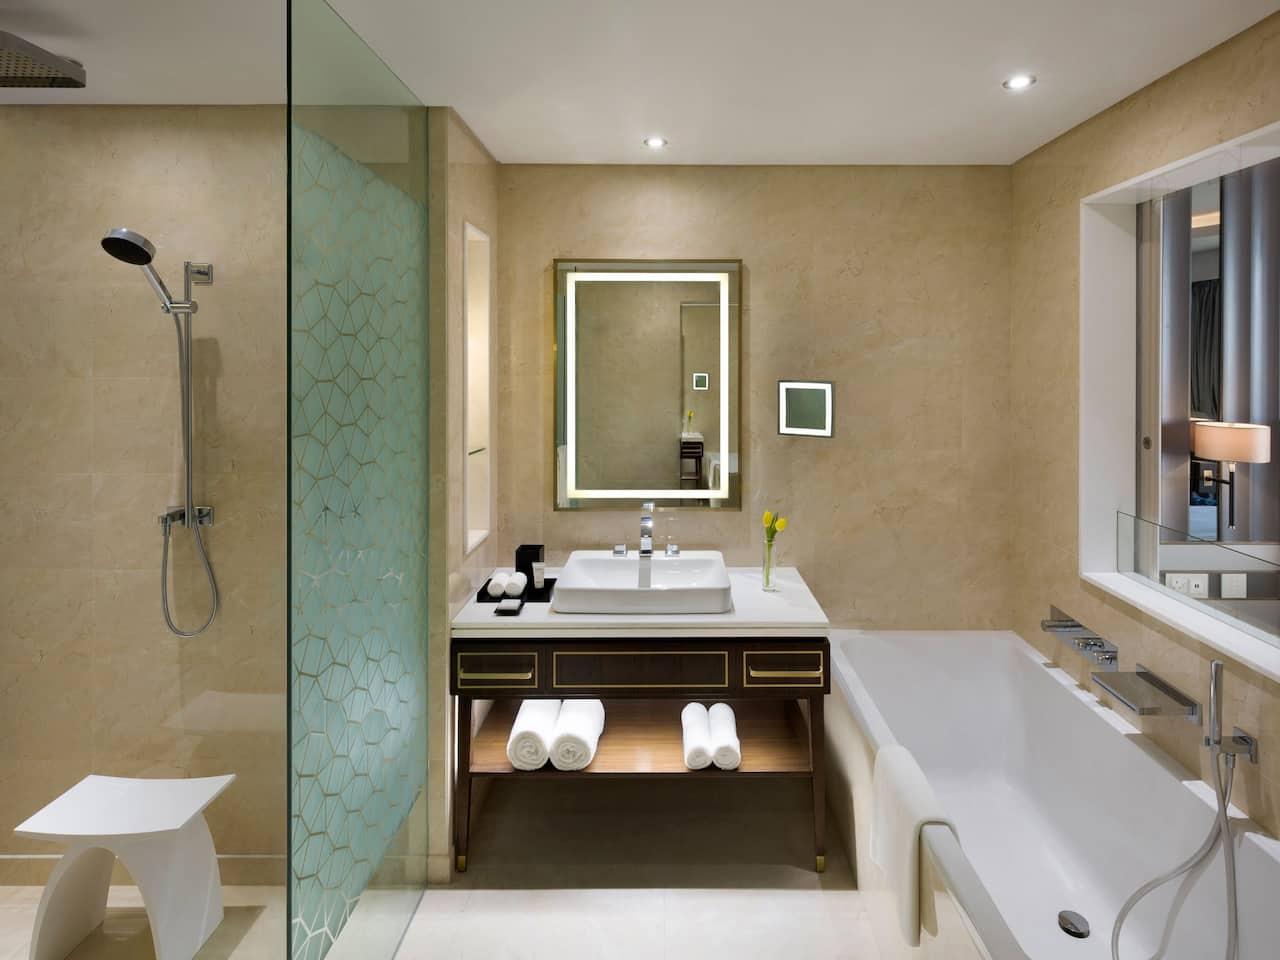 King Bathroom Window